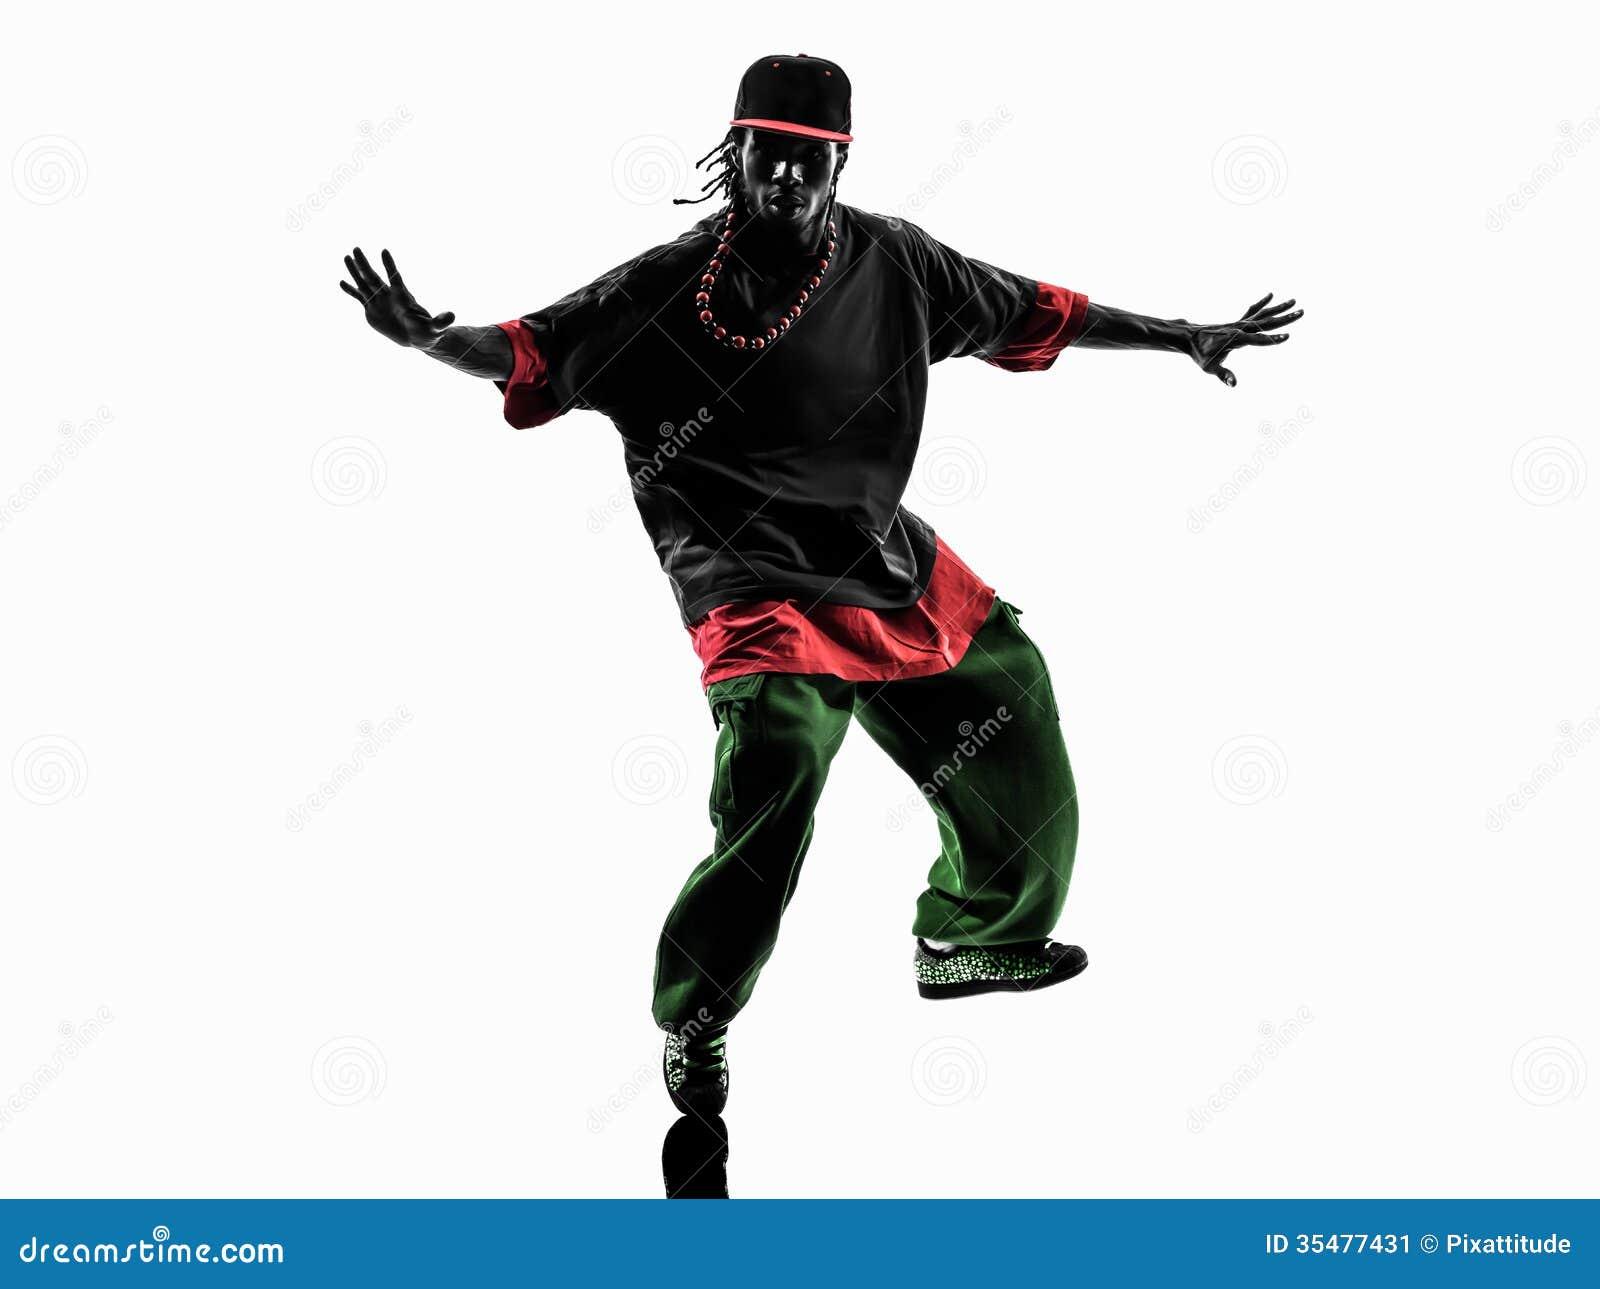 hip hop acrobatic break dancer breakdancing young man